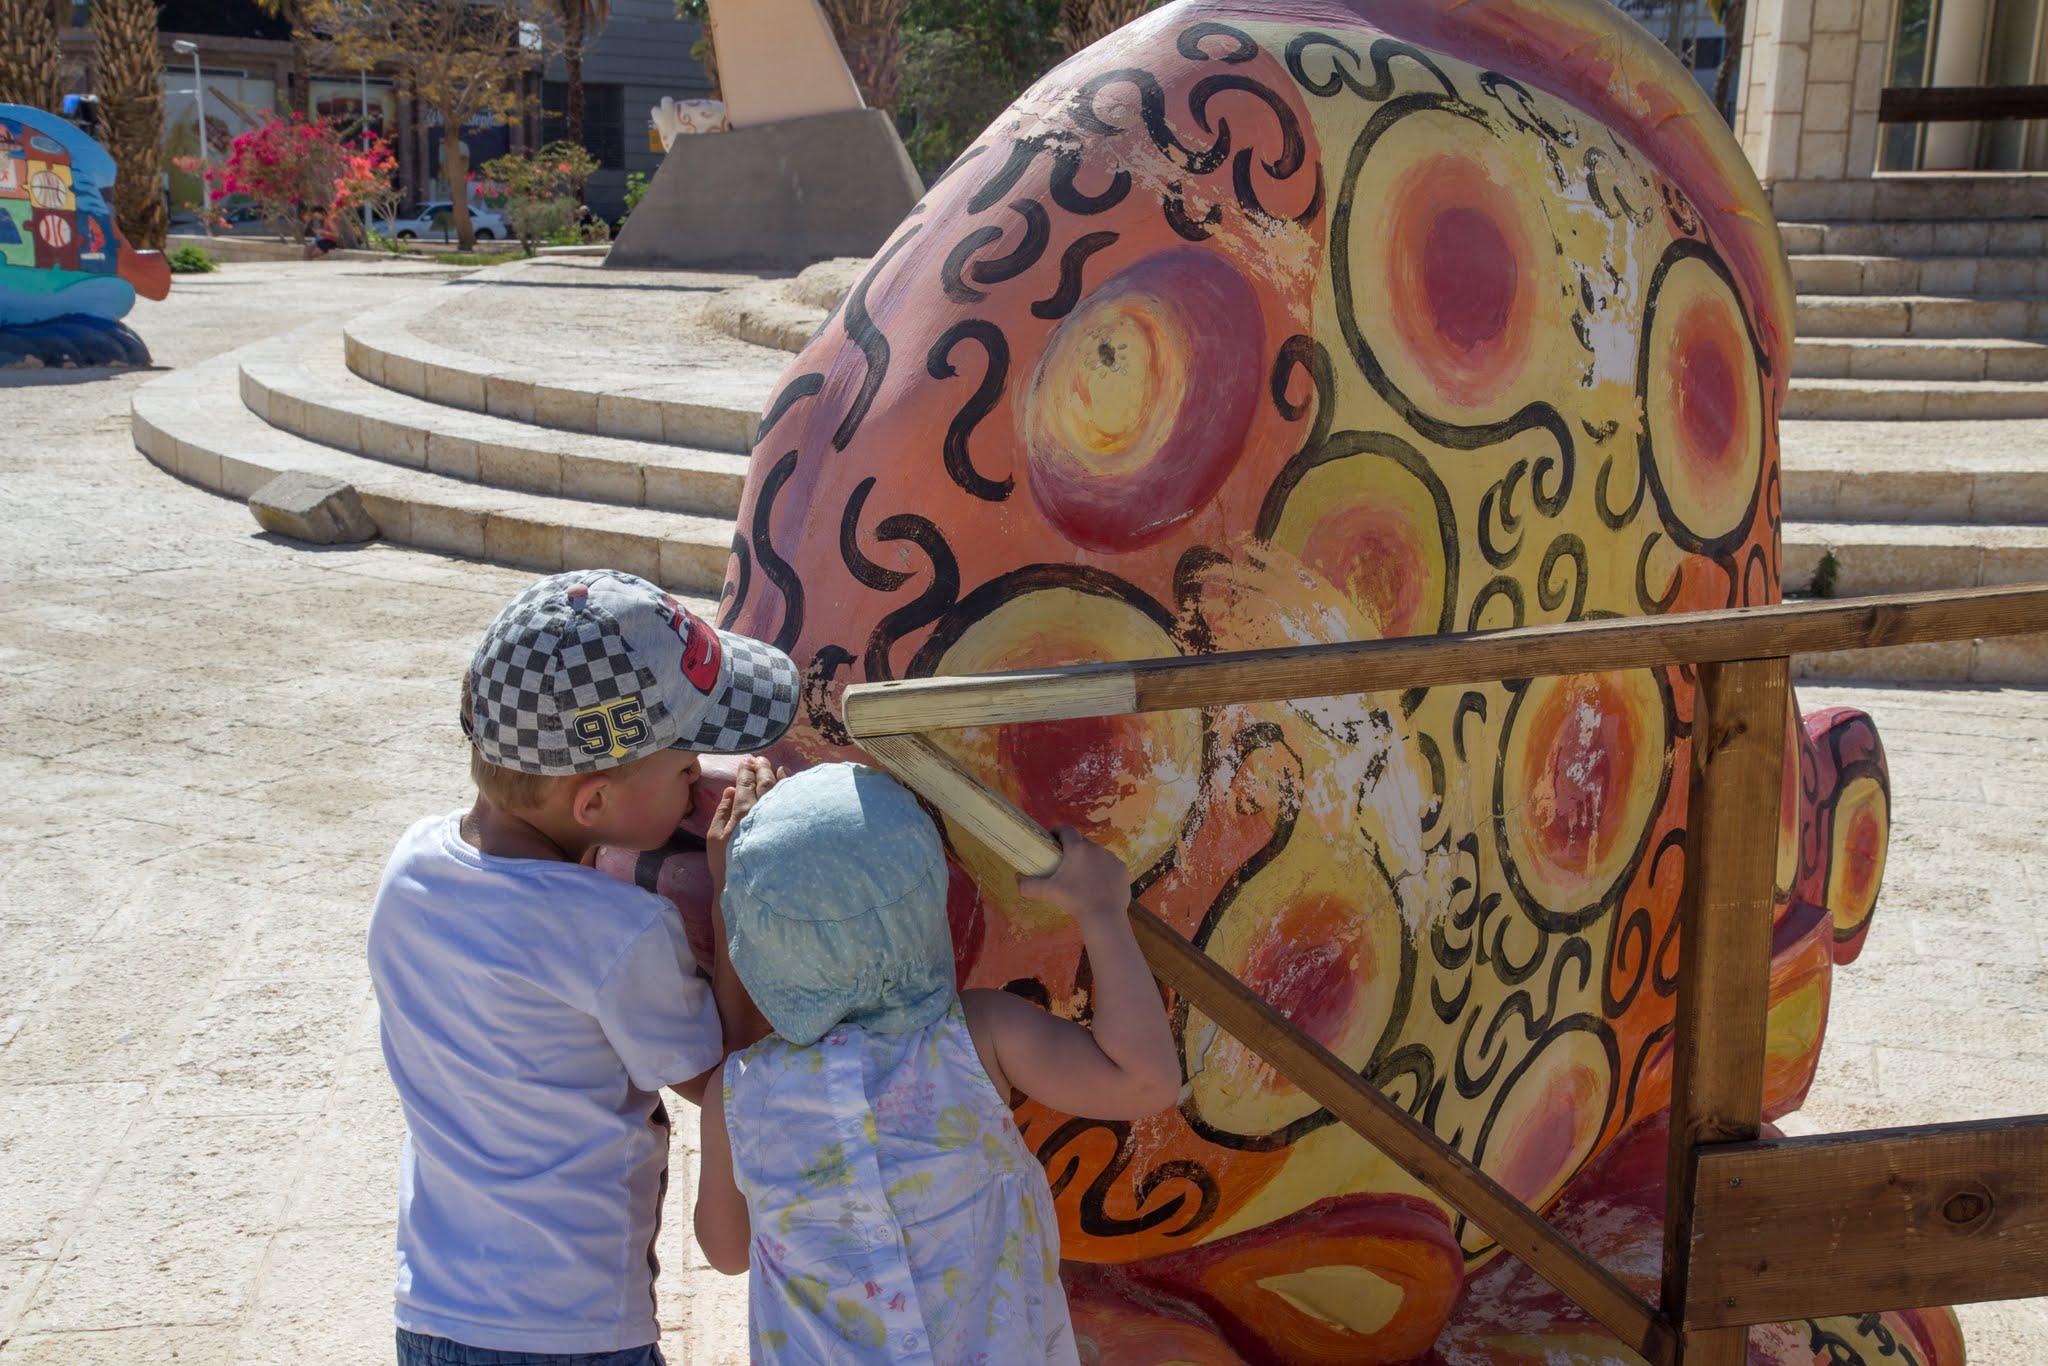 Ejlat, place zabaw dla dzieci, Izrael z dzieckiem